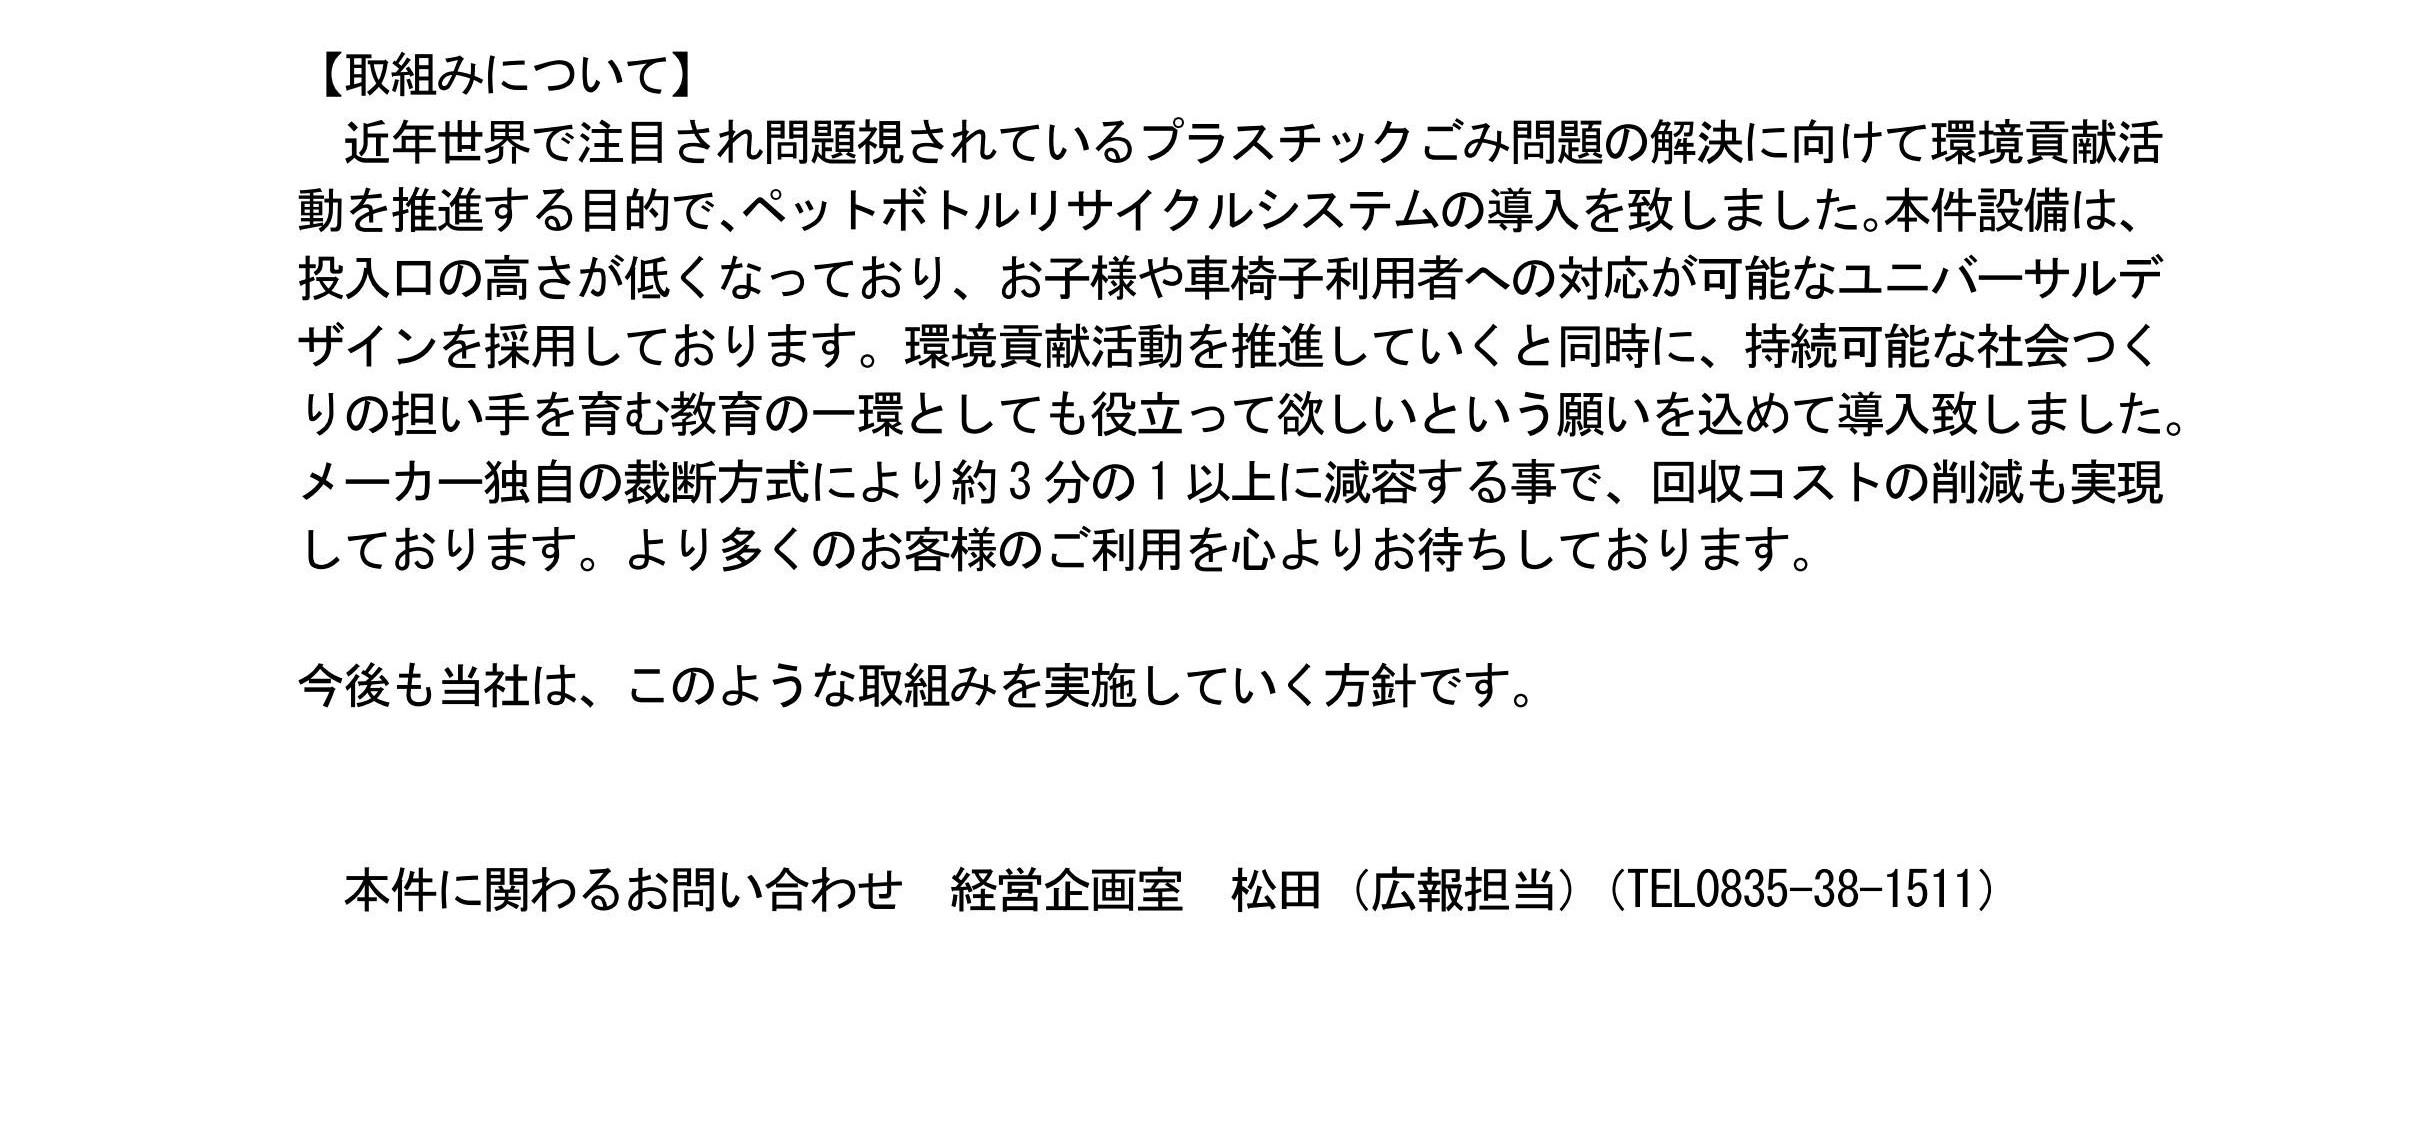 ペットボトルリサイクルシステム_02